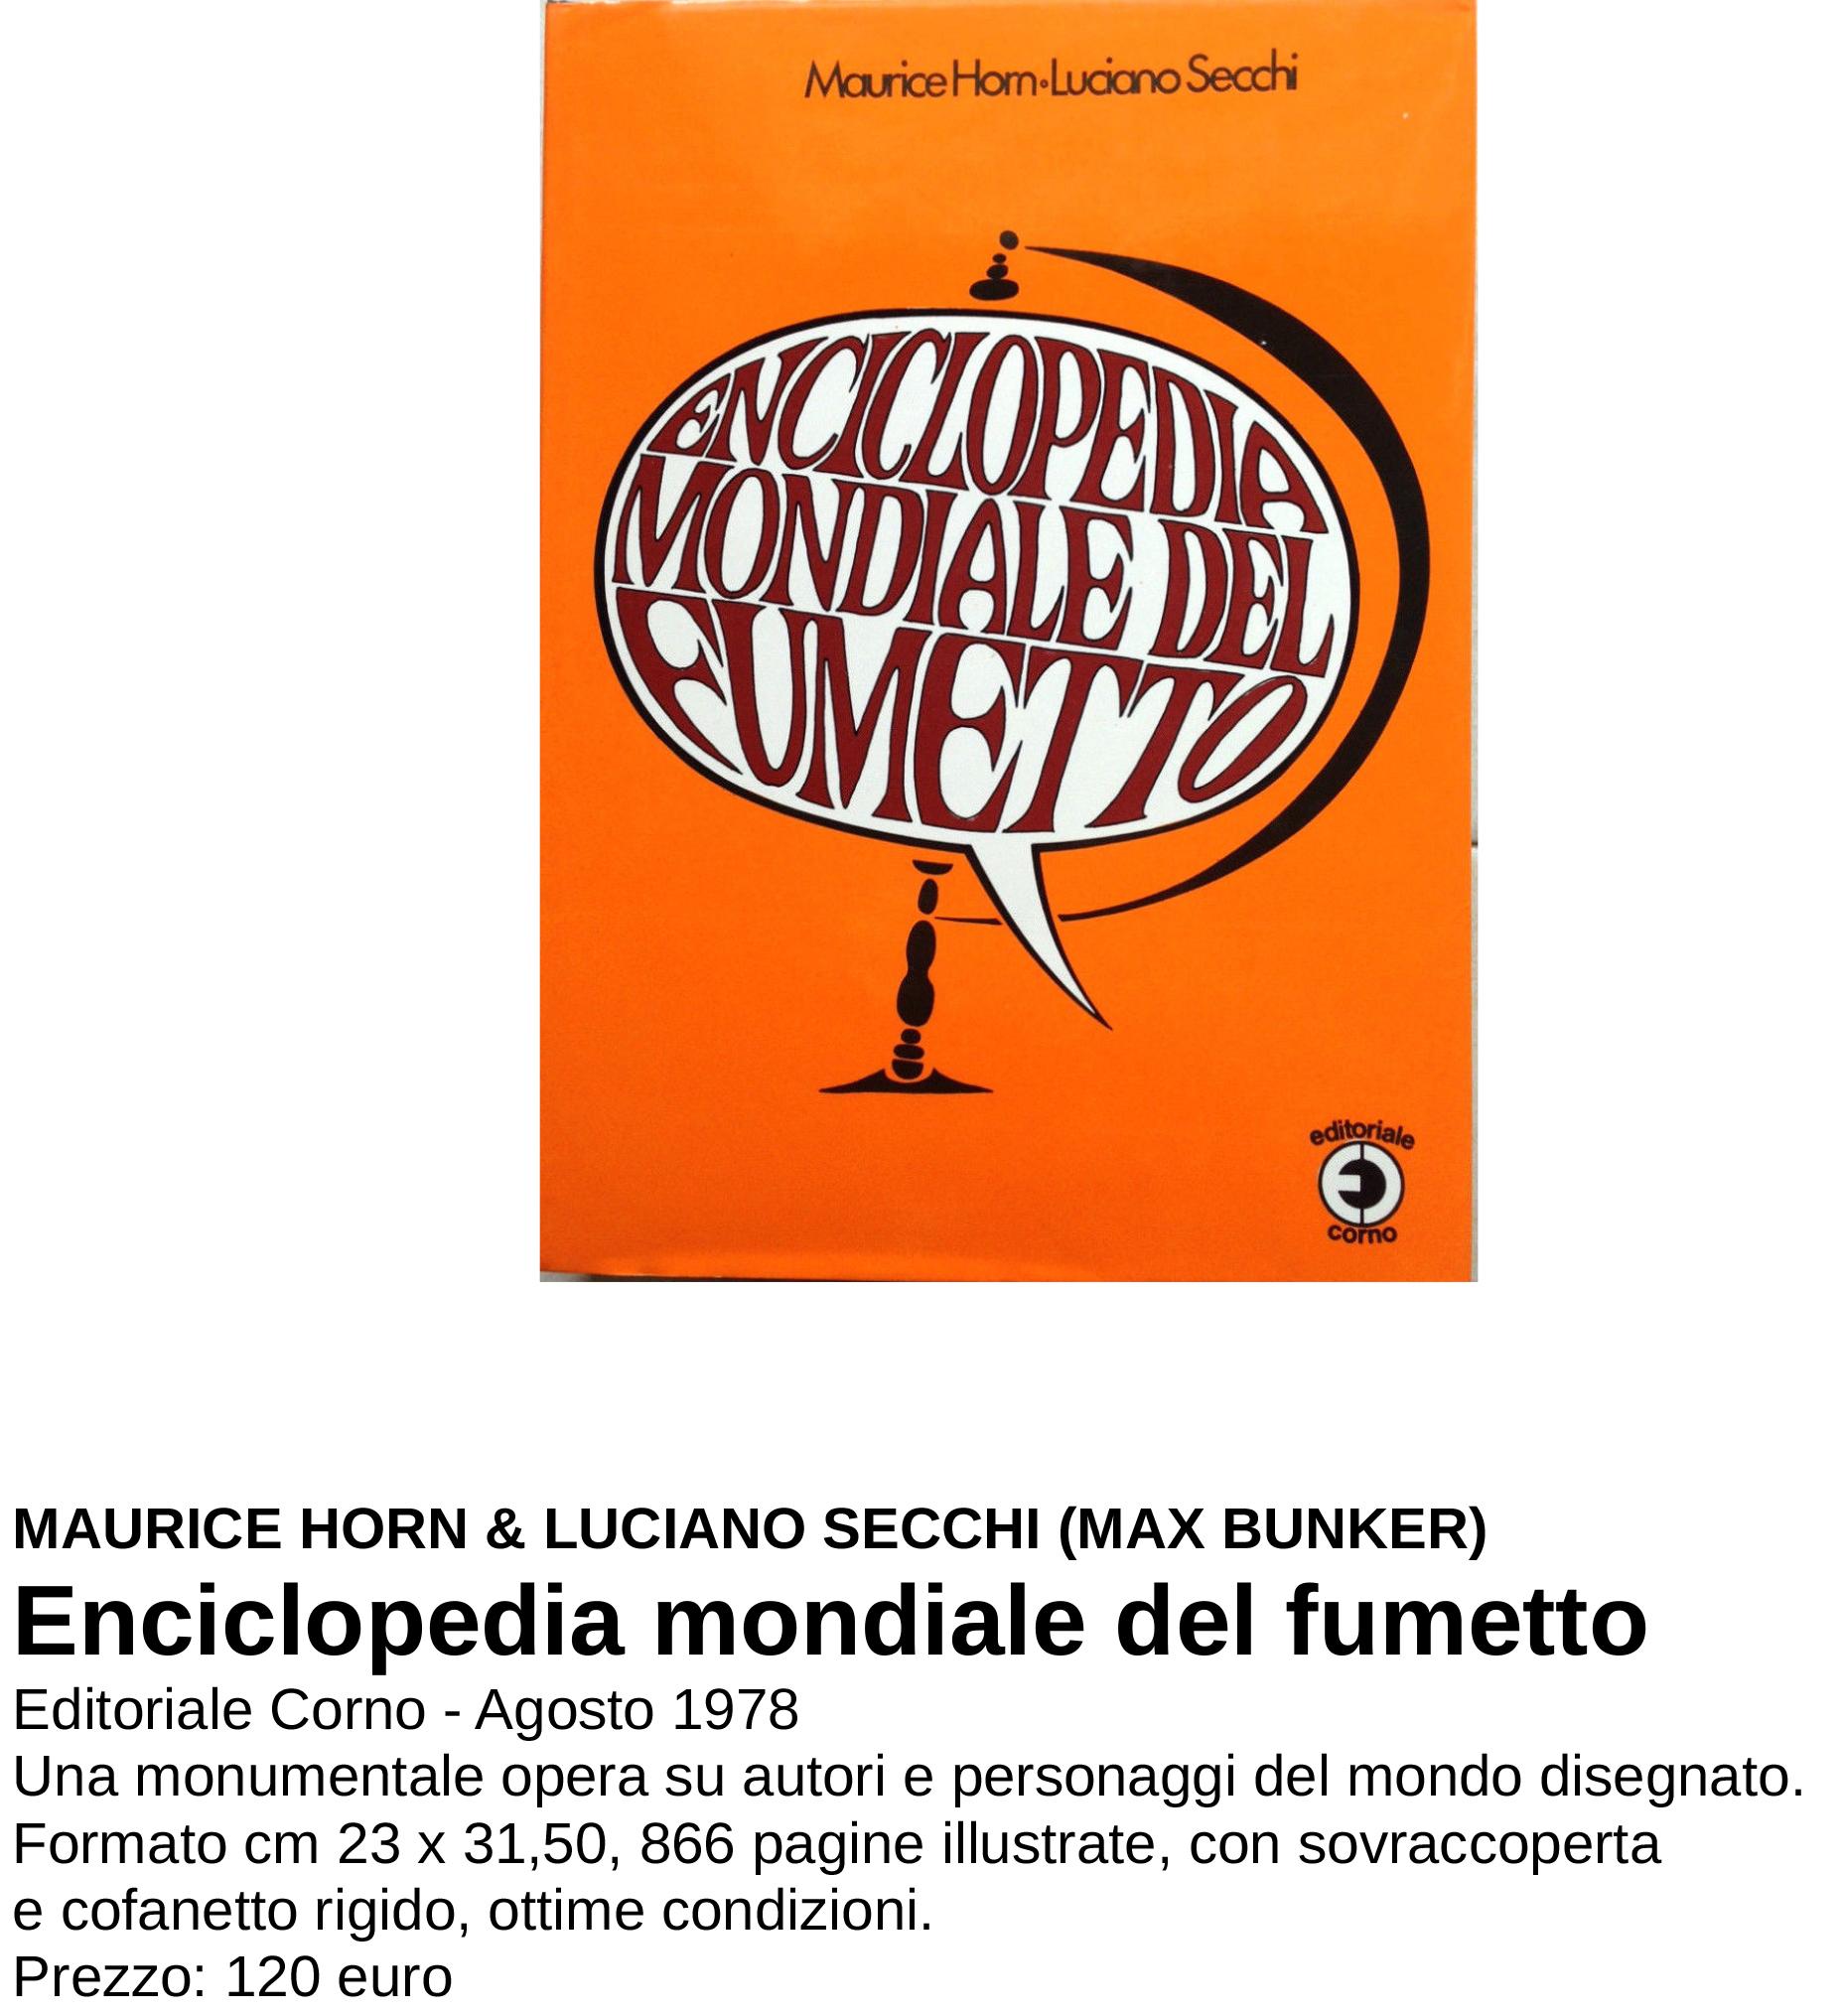 ENCICLOPEDIA MONDIALE DEL FUMETTO[9535]